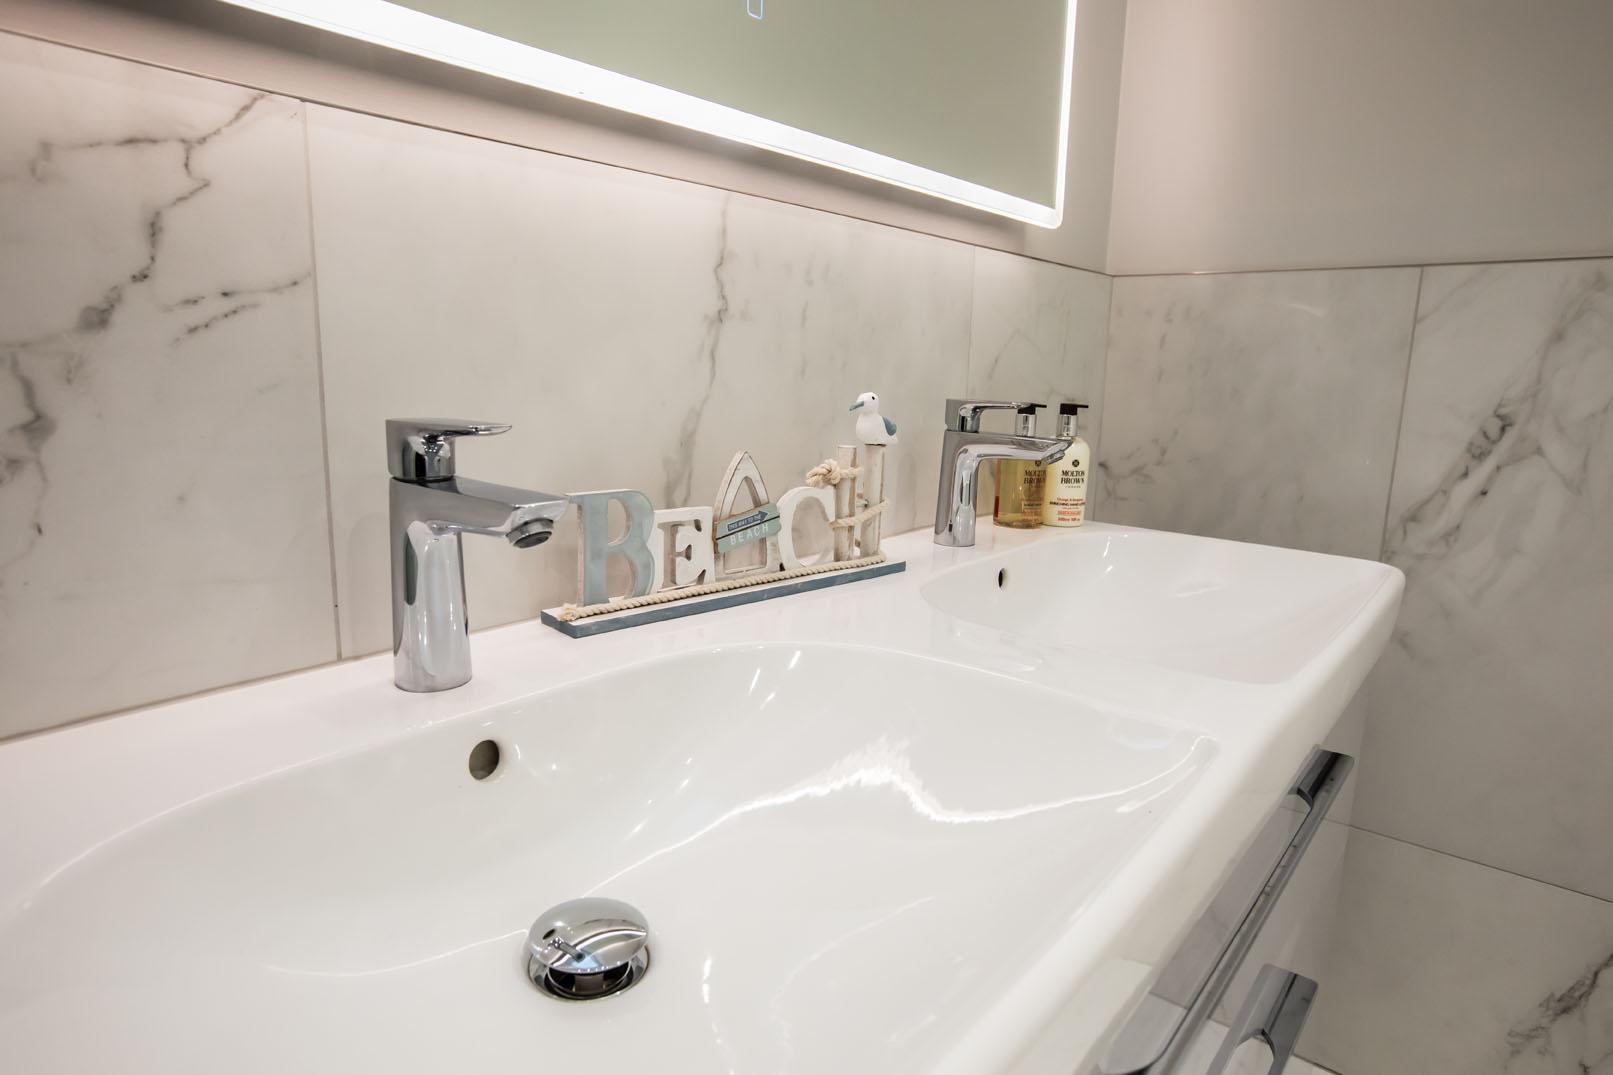 Blackberry Kitchen & Bathrooms